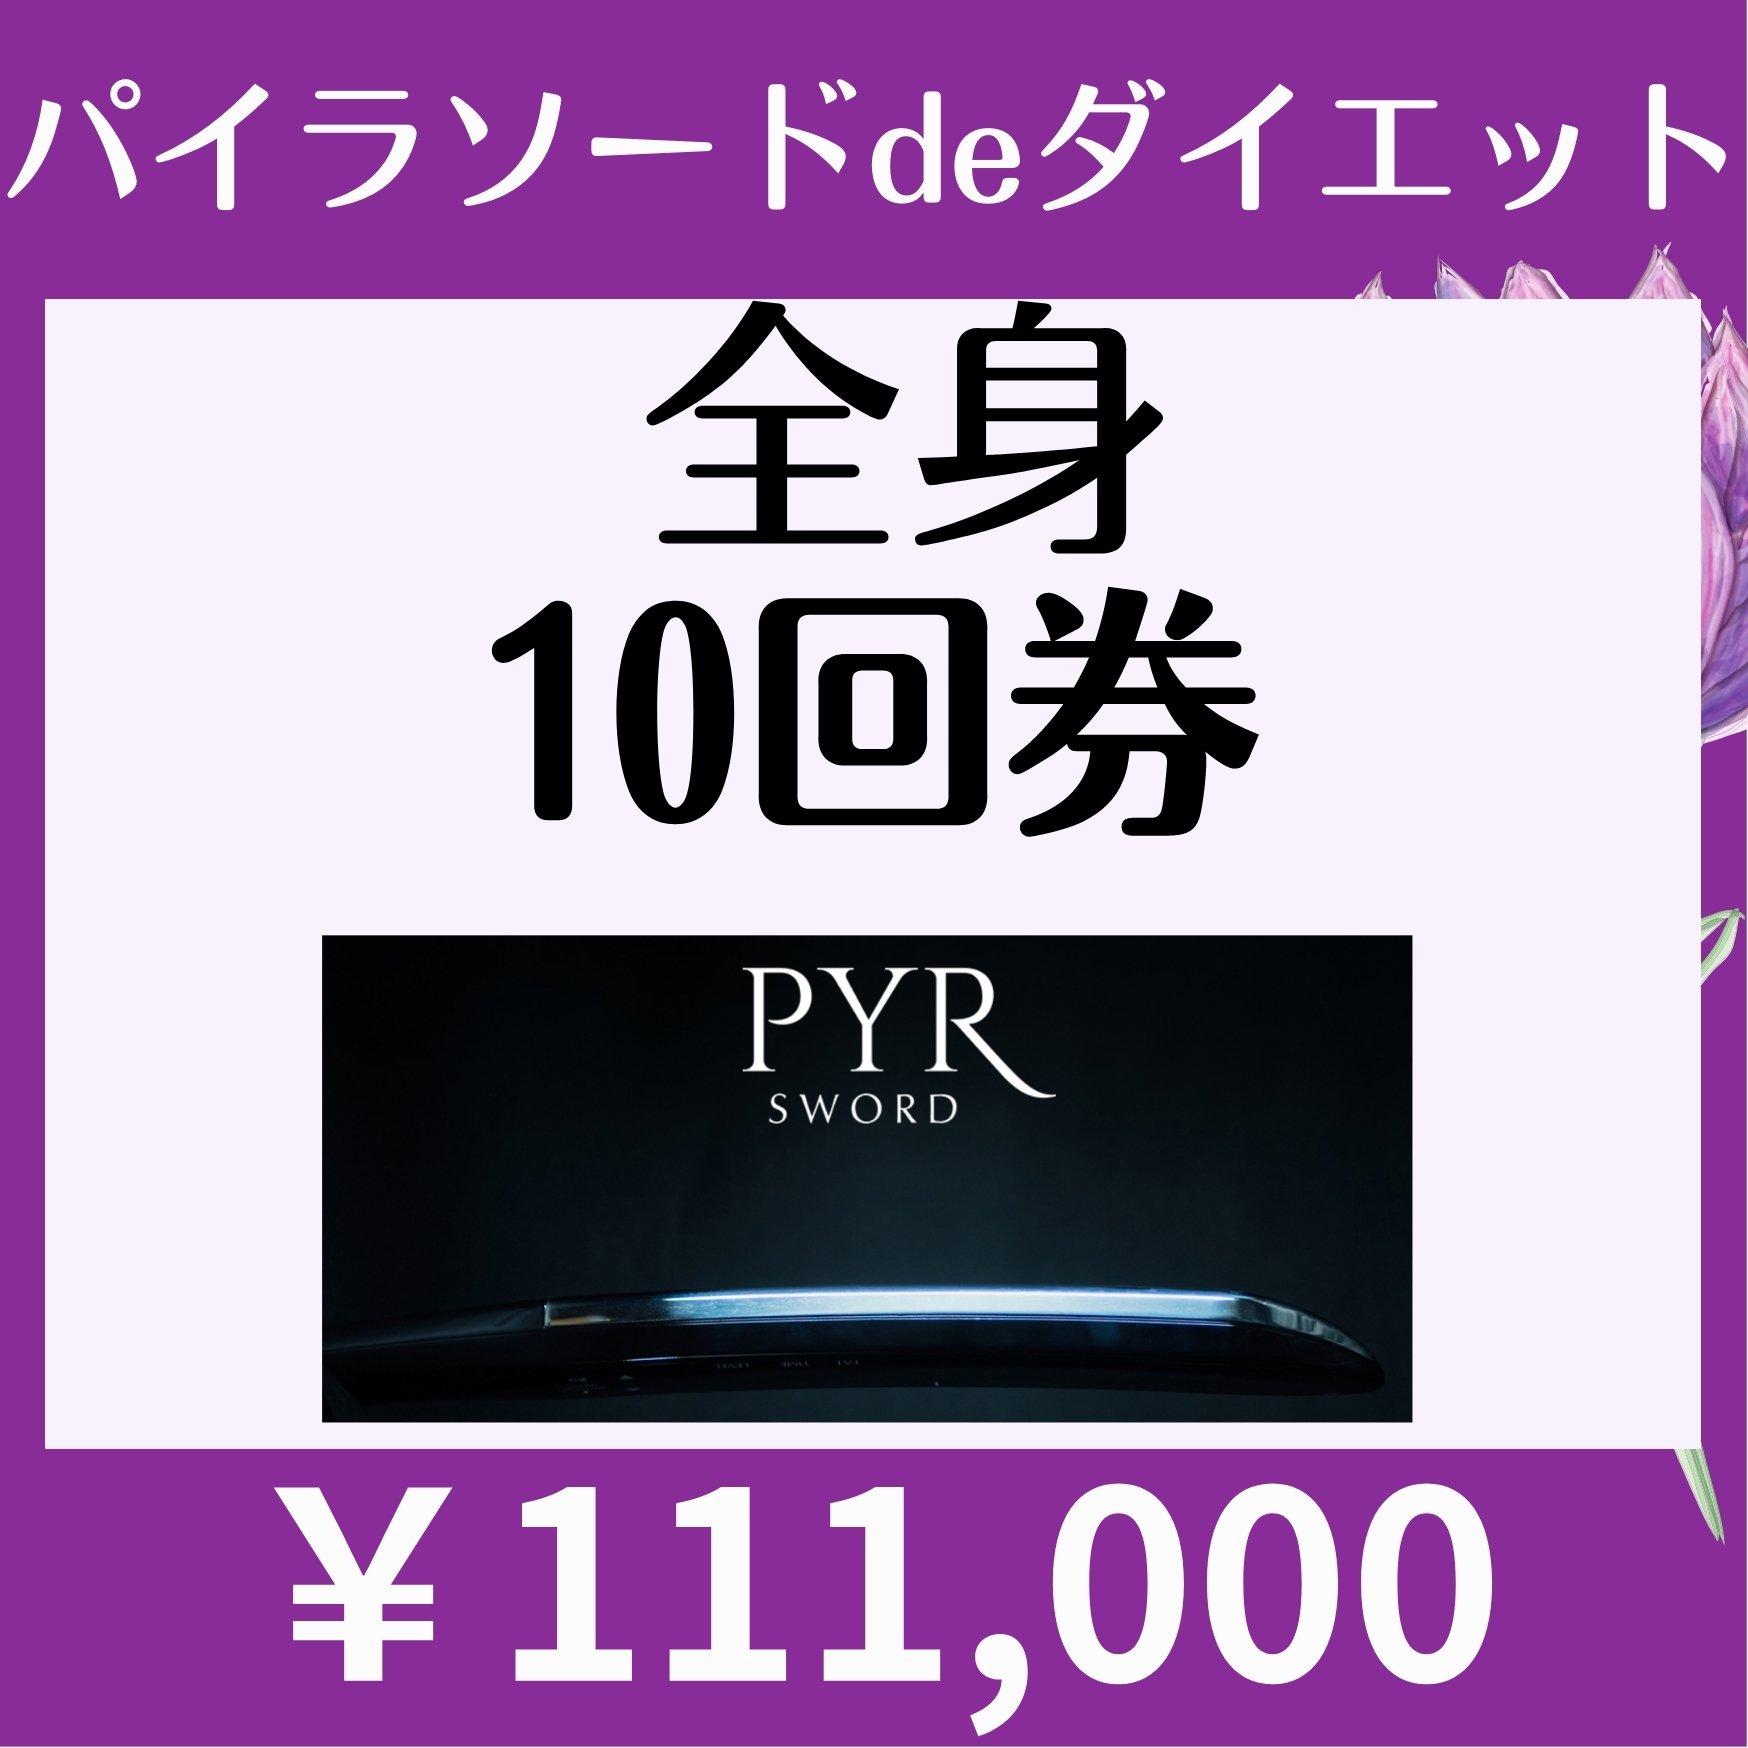 【会員様限定¥111000】パイラソード全身10回券のイメージその1